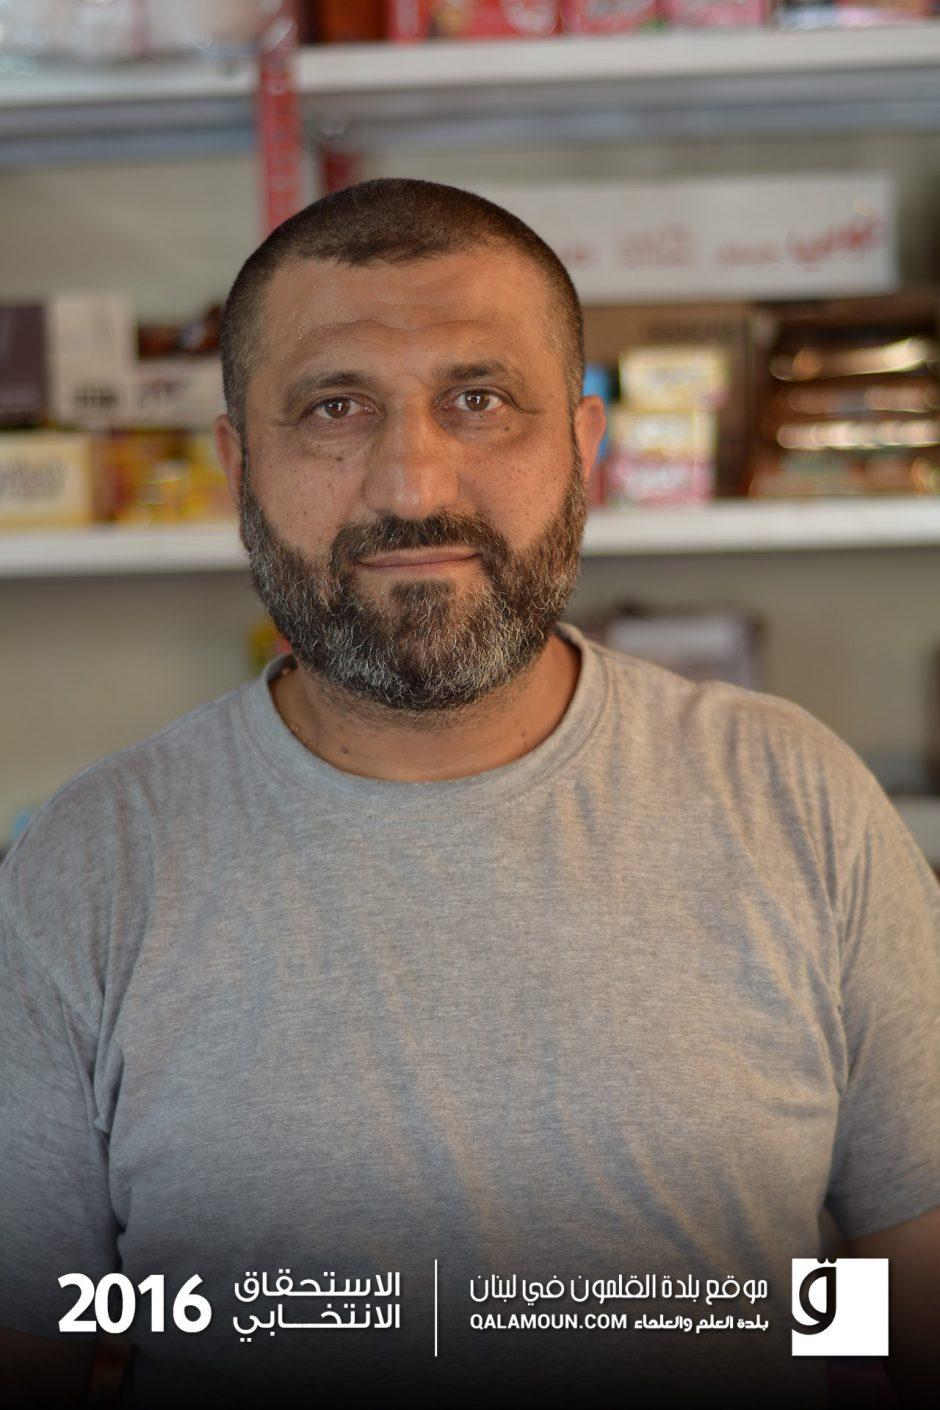 هشام حسن عبيد